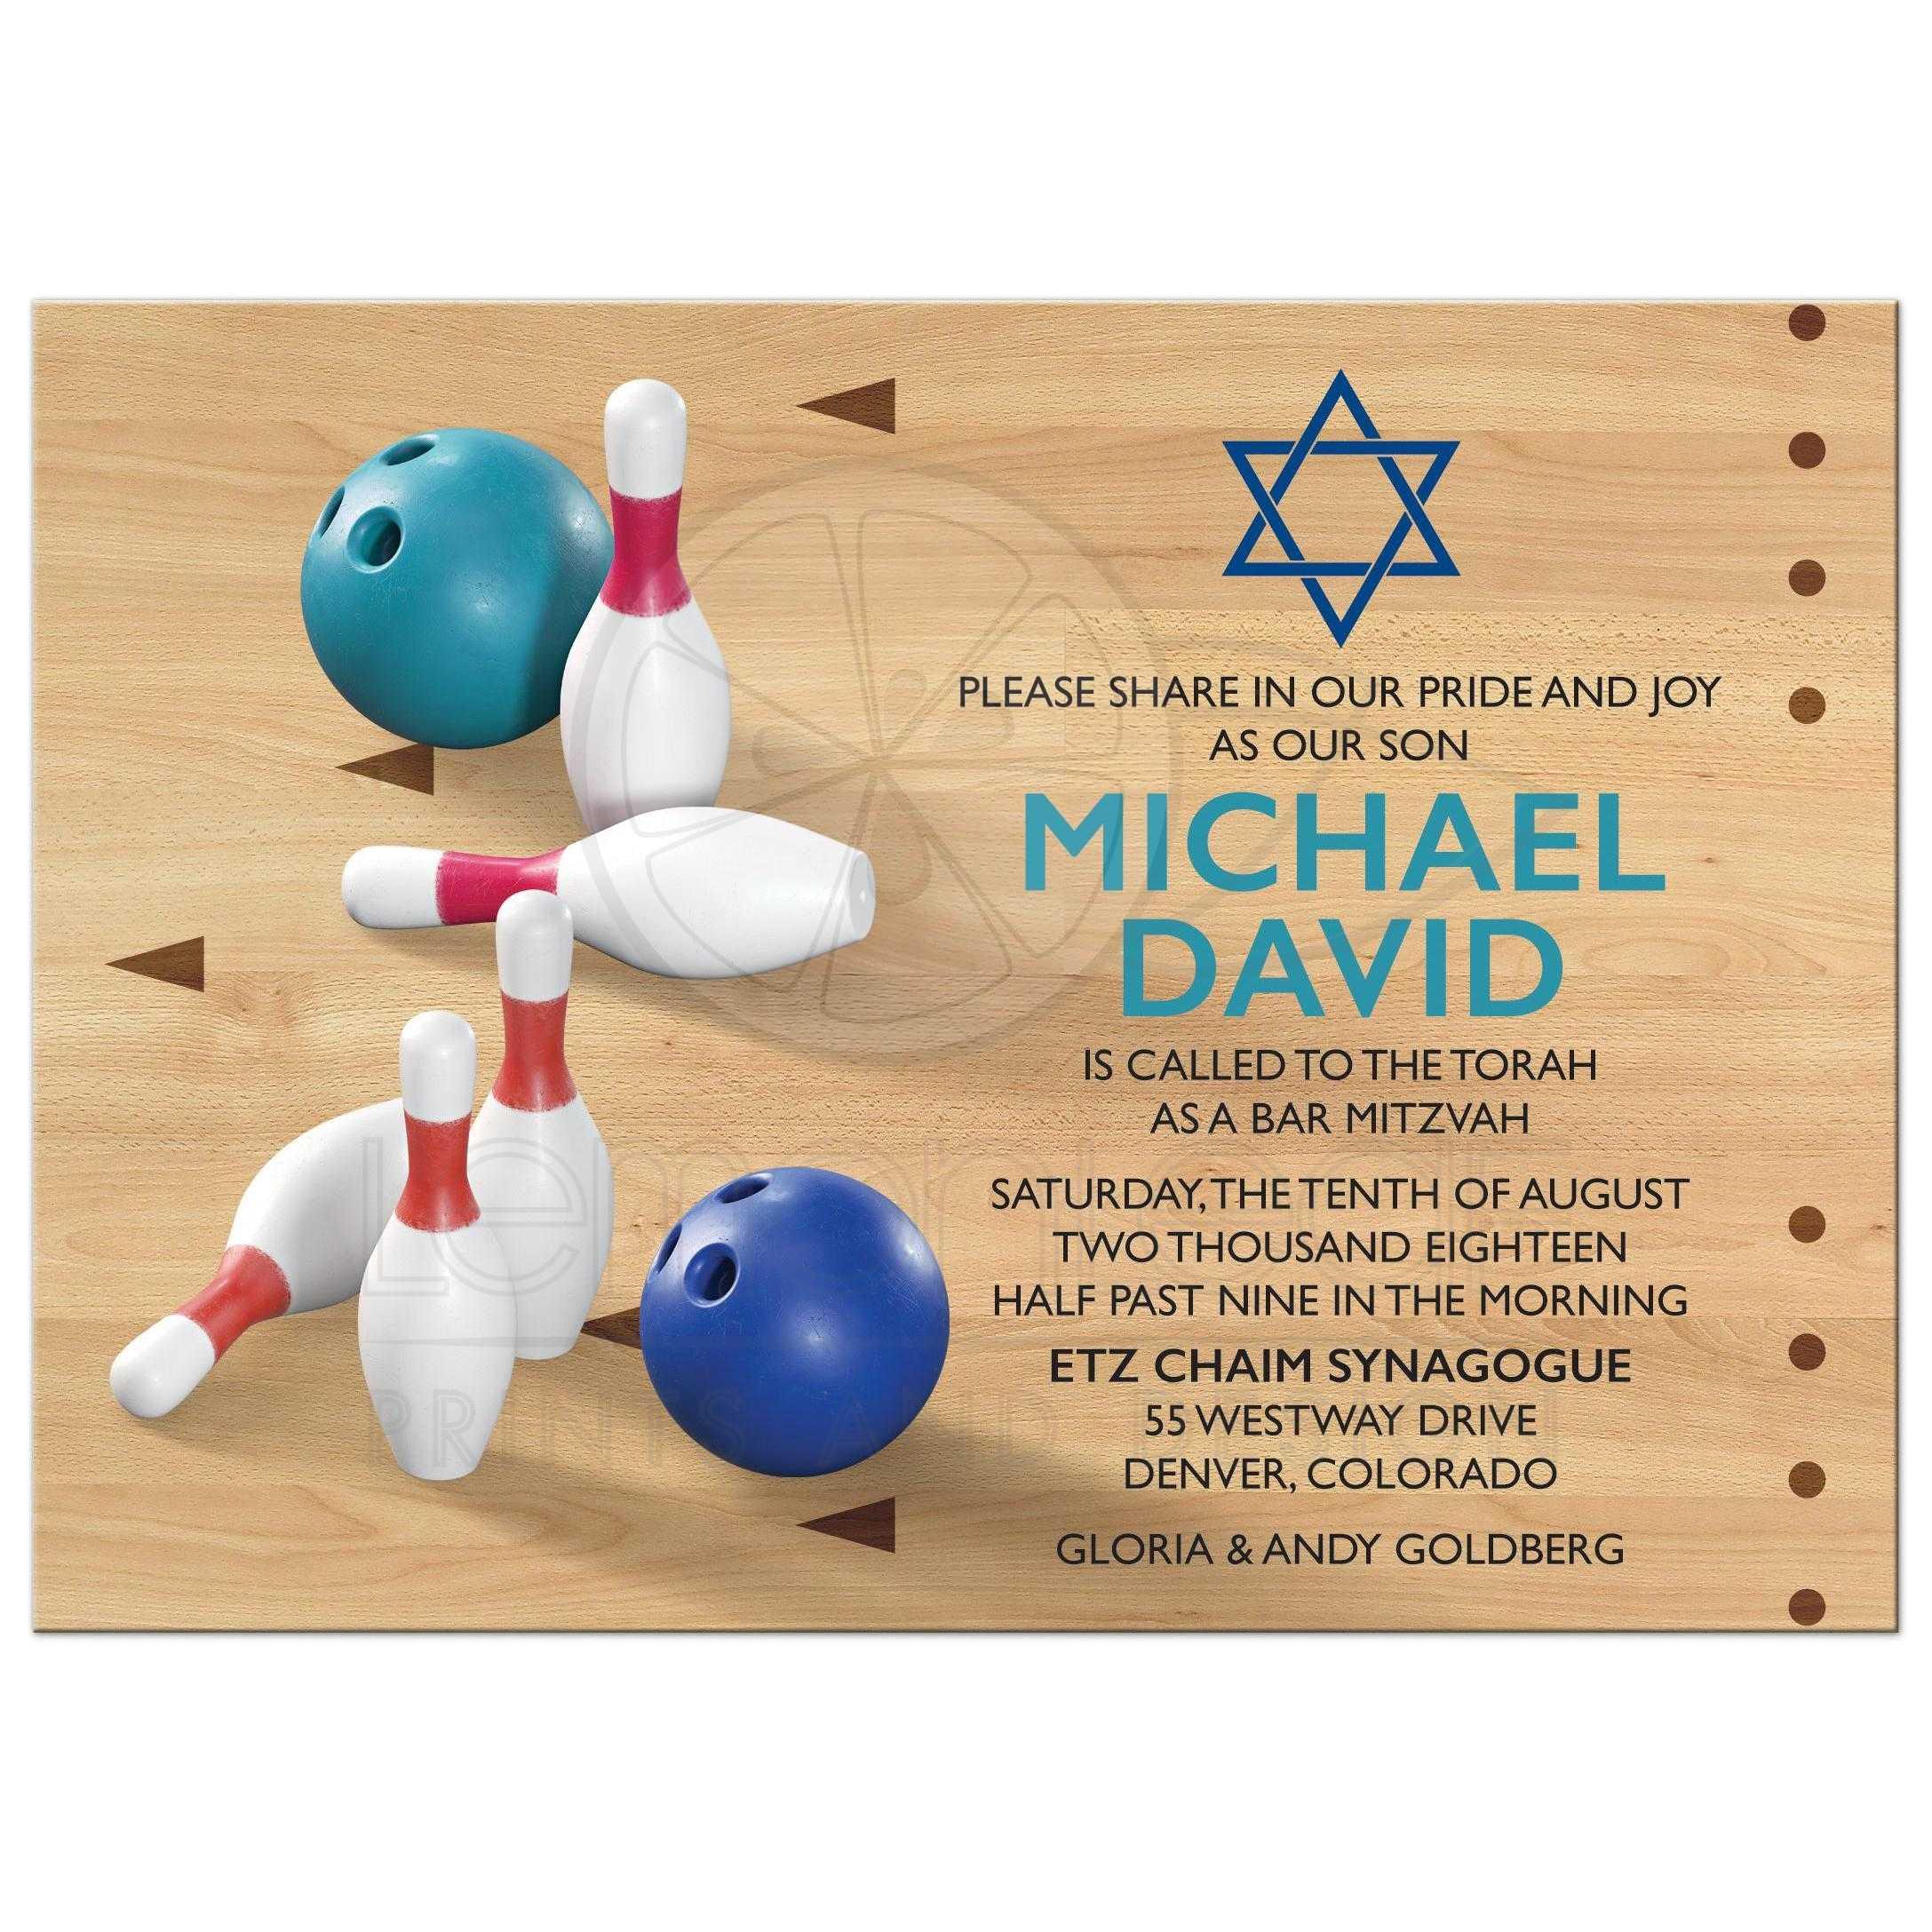 Bowling bar mitzvah invitation bowling ball pins alley bowling pins bowling ball bowling alley bowling bar mitzvah invitation stopboris Gallery